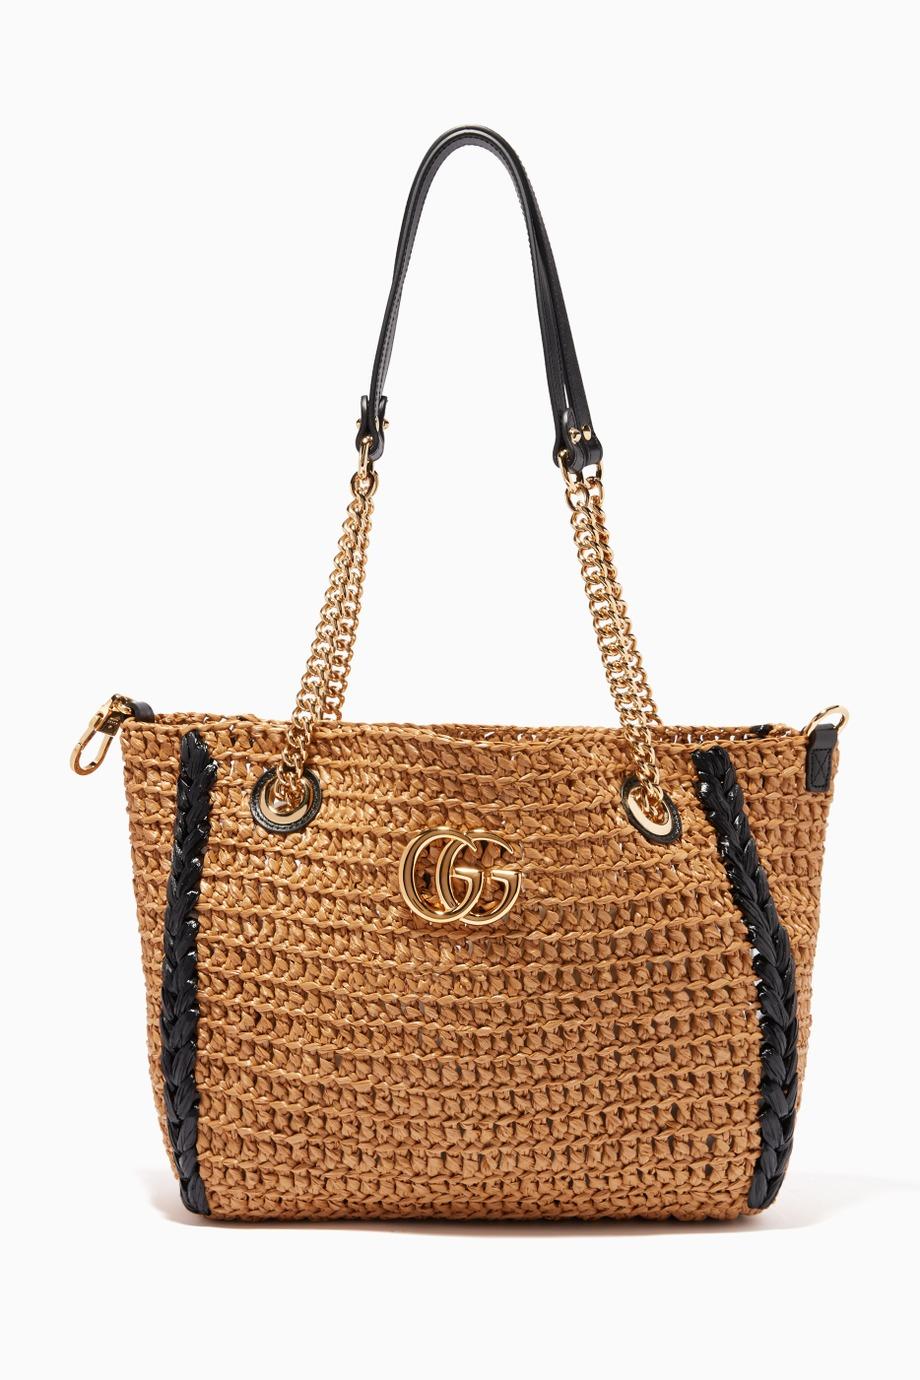 حقائب القش من غوتشي Gucci لصيف 2019